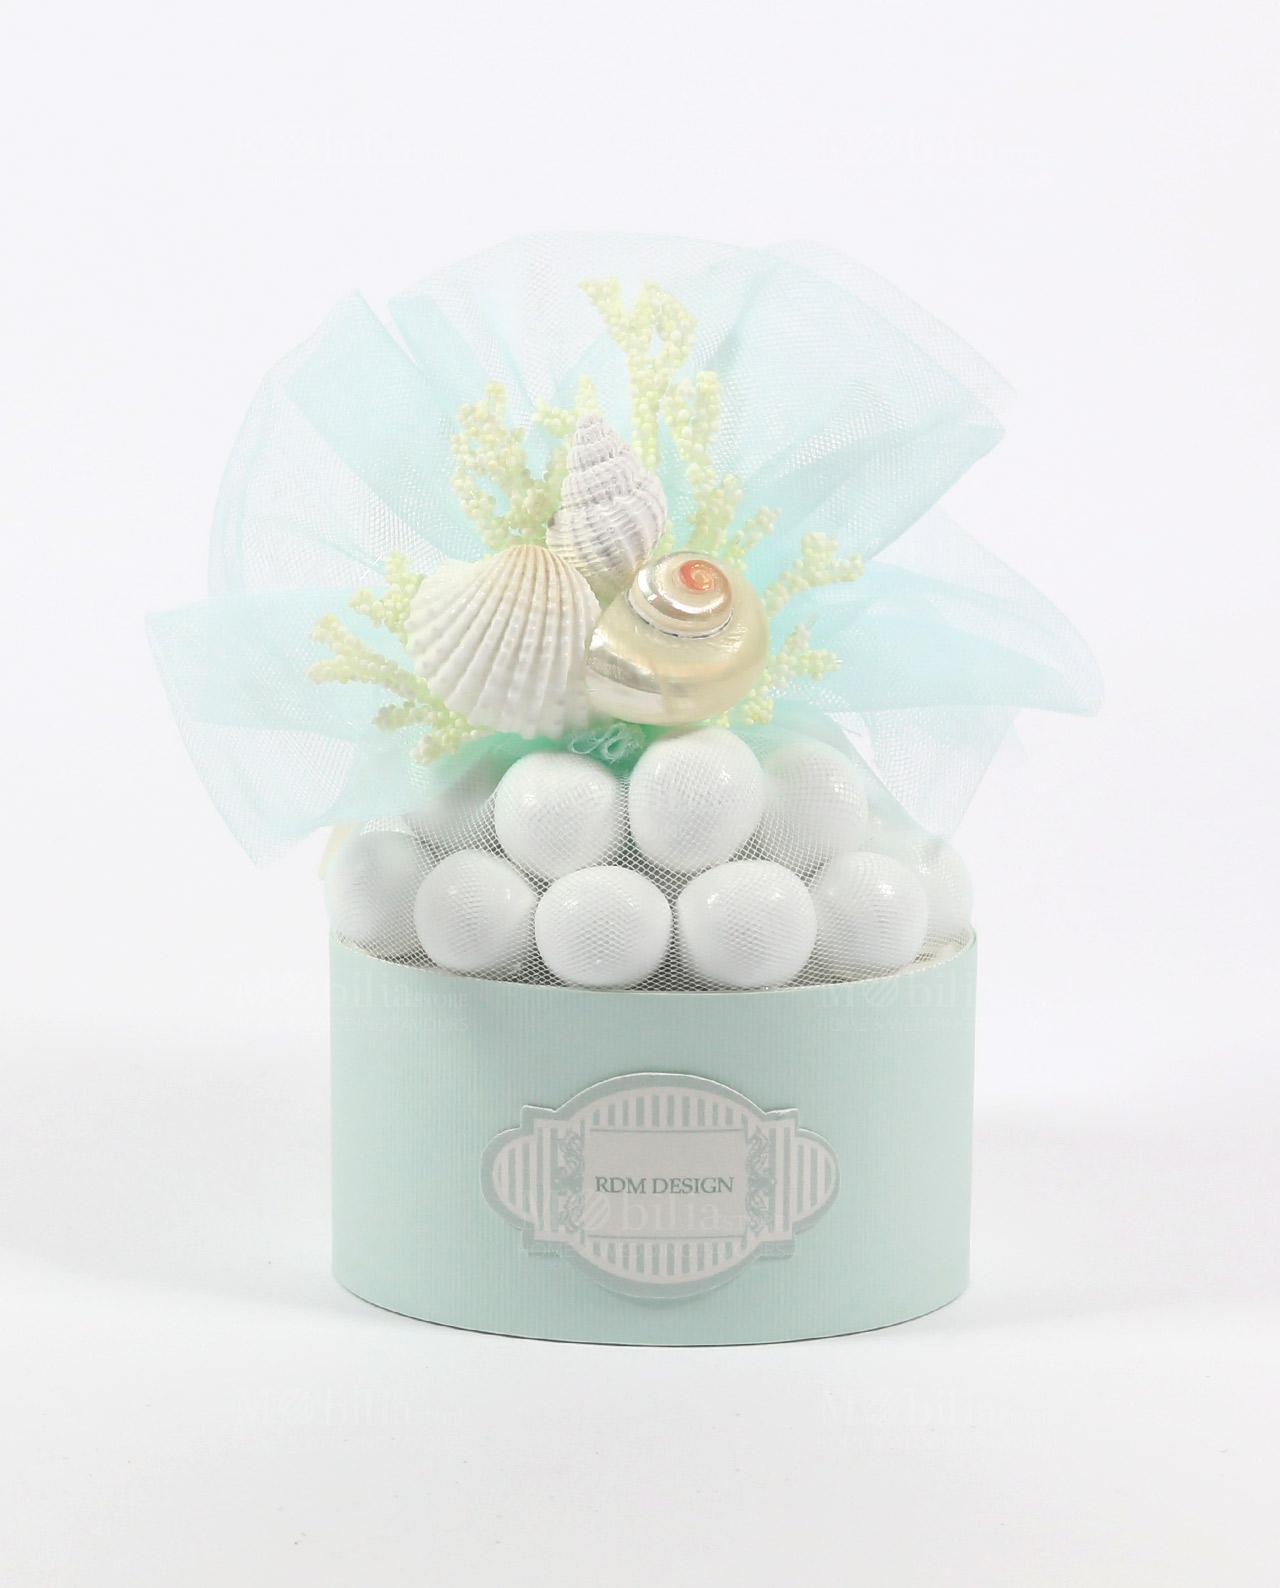 Idee Bomboniere Matrimonio Country Chic : Scatolina portaconfetti con conchiglie rdm design linea